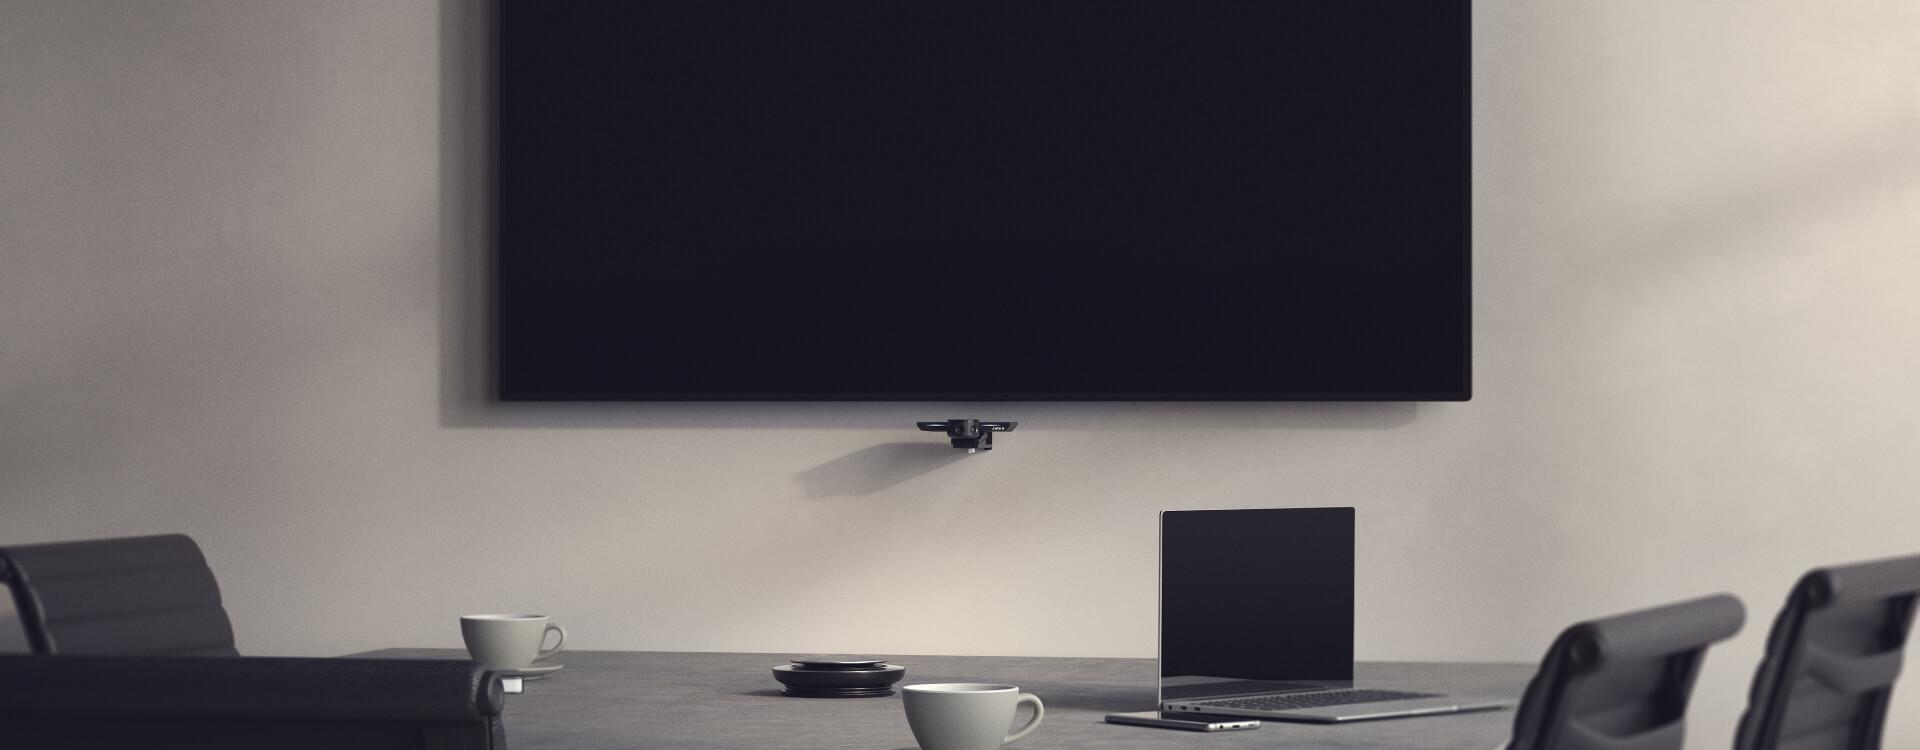 sala aziendale per le video conferenze ben attrezzata con un grande schermo grande, un microfono omnidirezionale e una webcam con tre telecamere